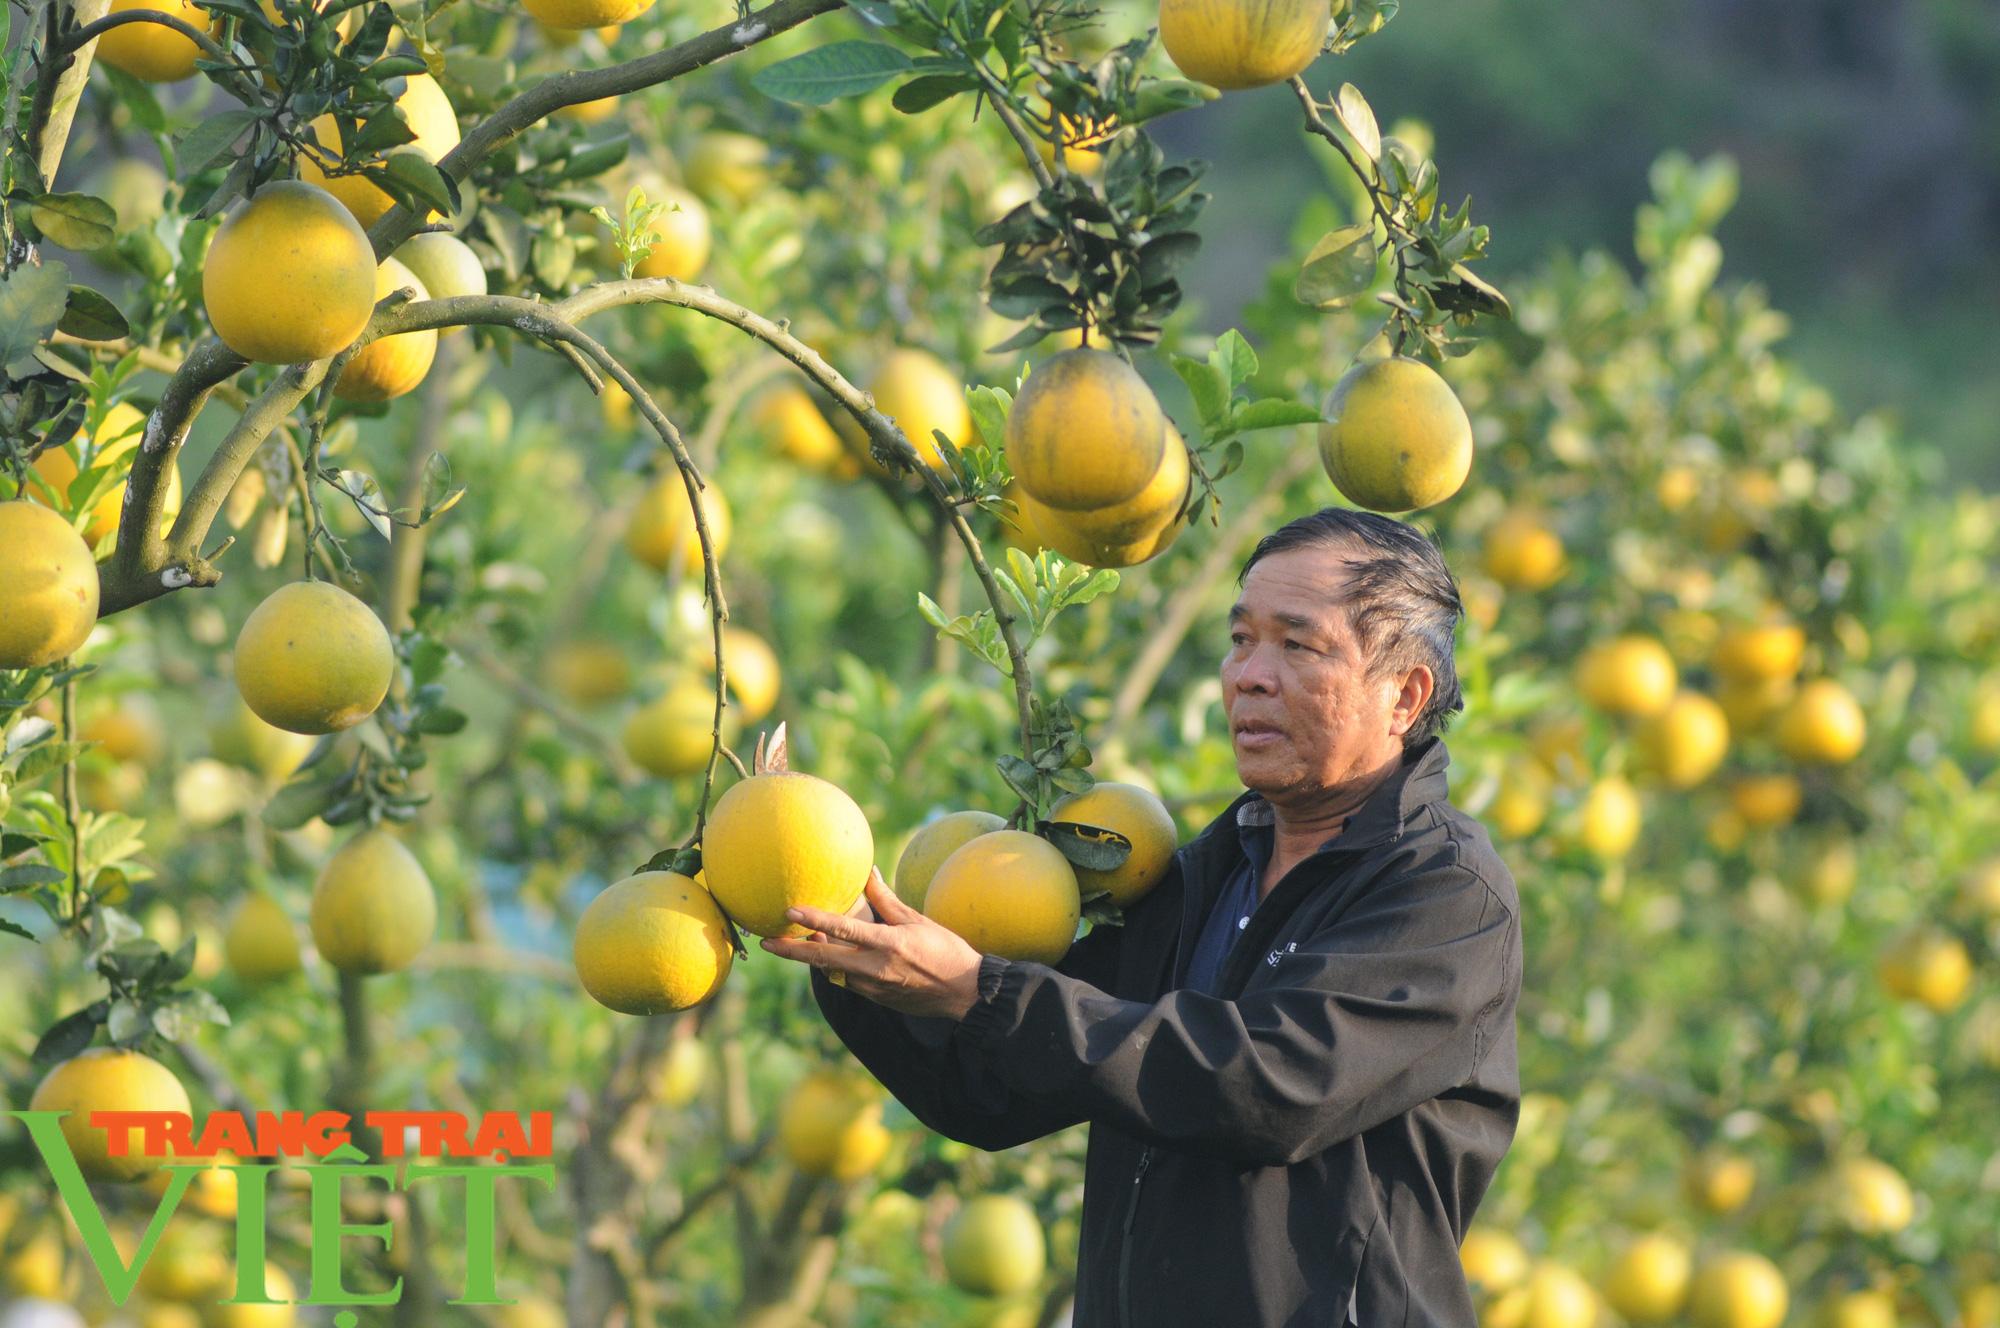 Chỉ trồng cây ăn quả, cựu binh thu nửa tỷ mỗi năm - Ảnh 1.